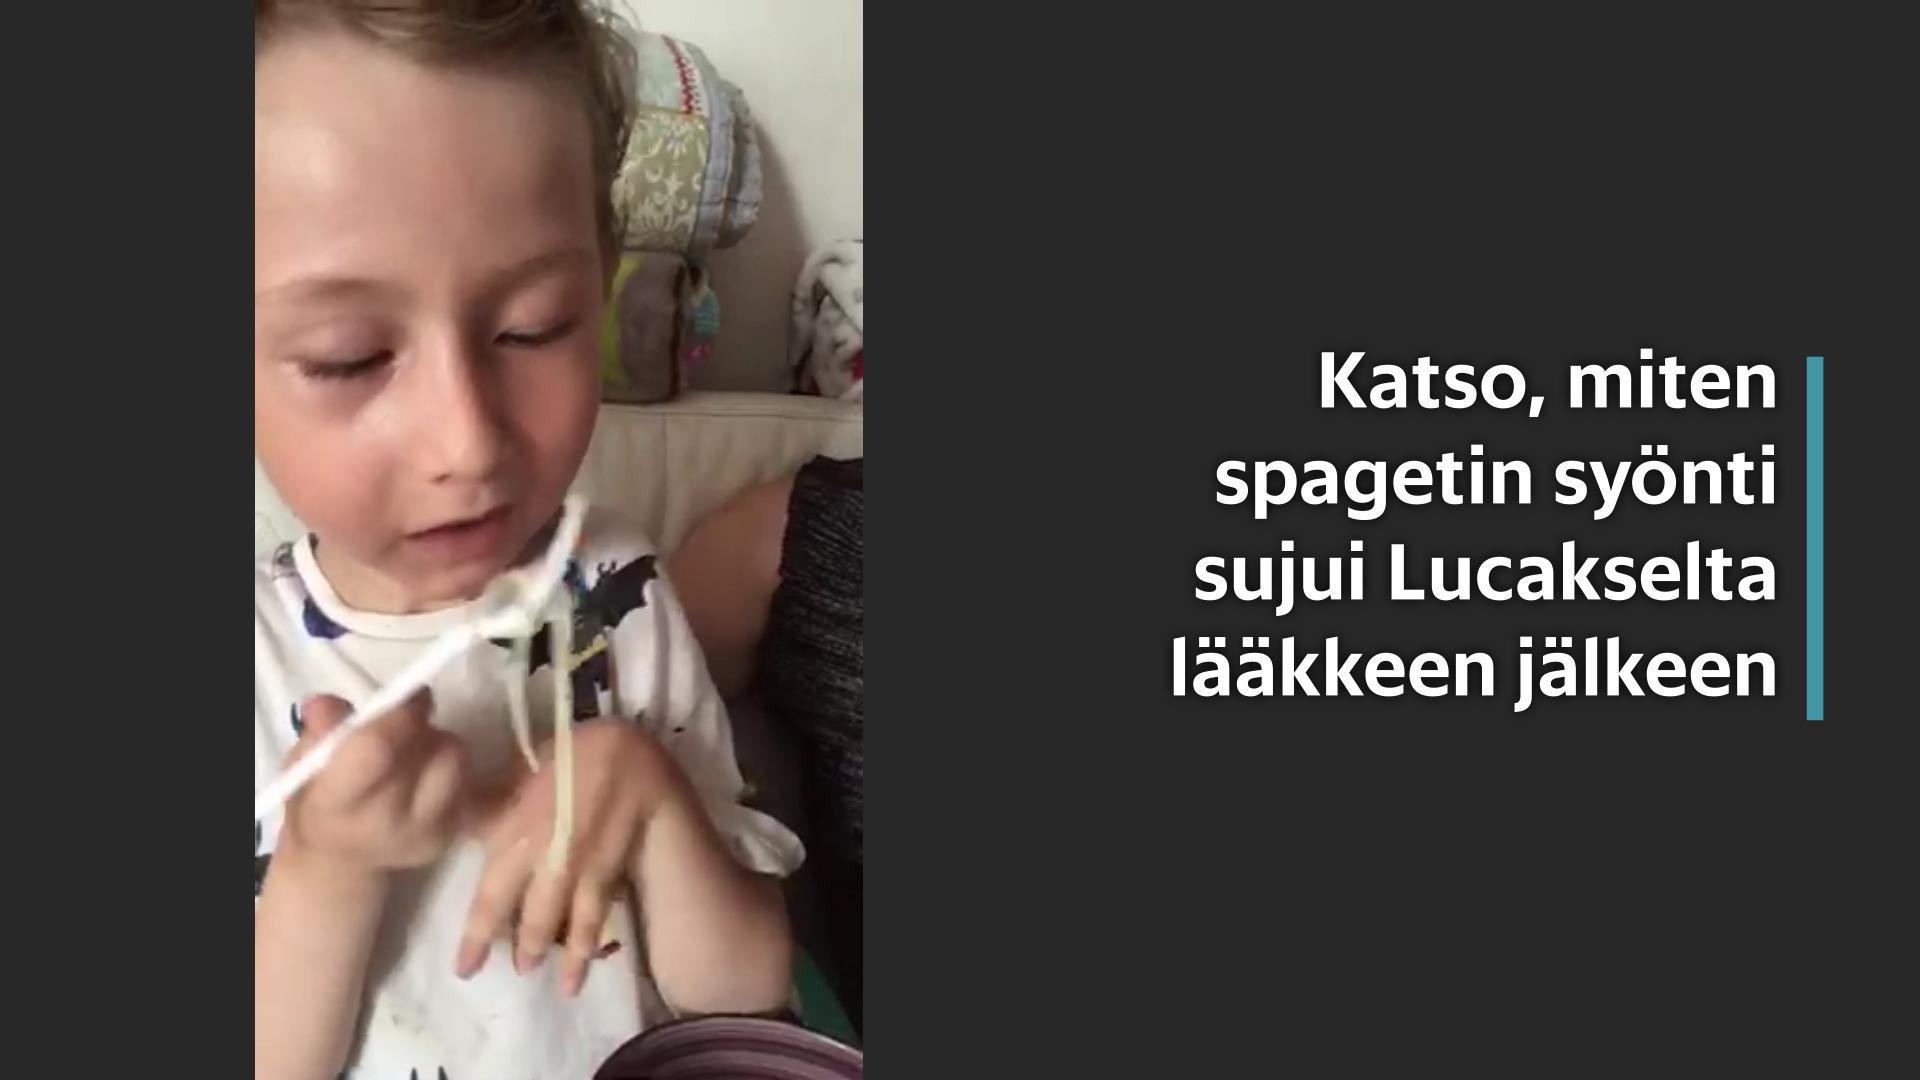 Lucas Räisänen